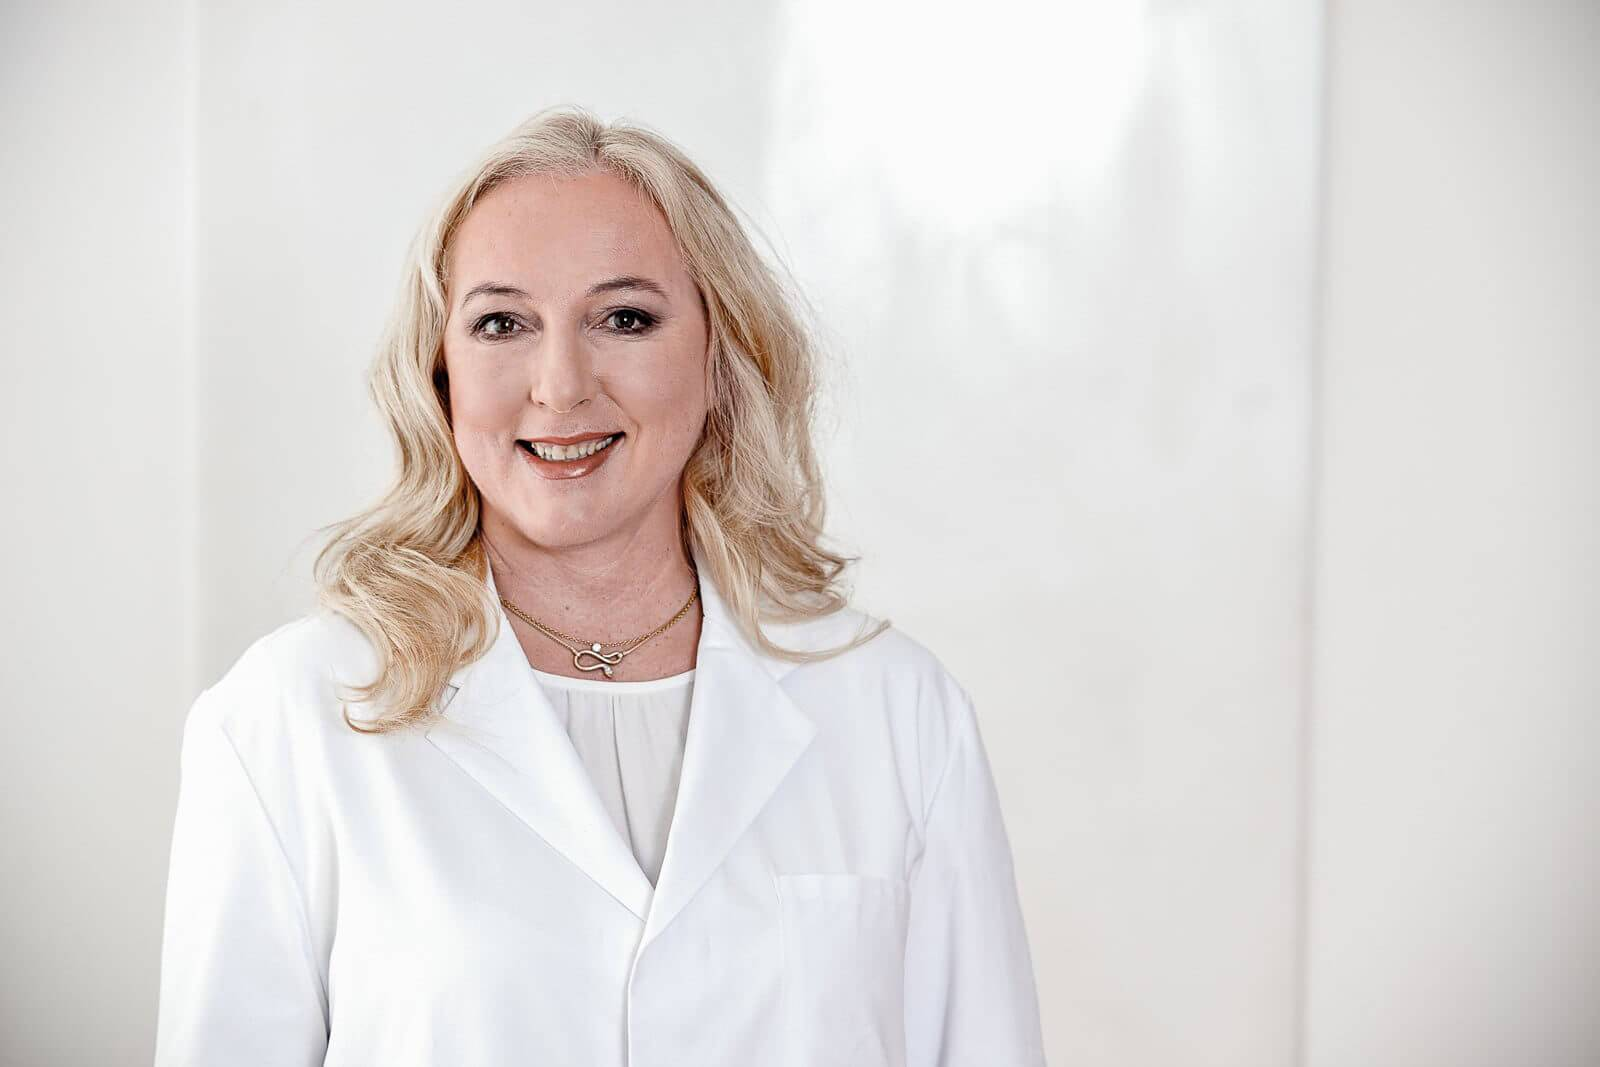 Portätbild von la pura Ärztin Dr. Kautzky-Willer